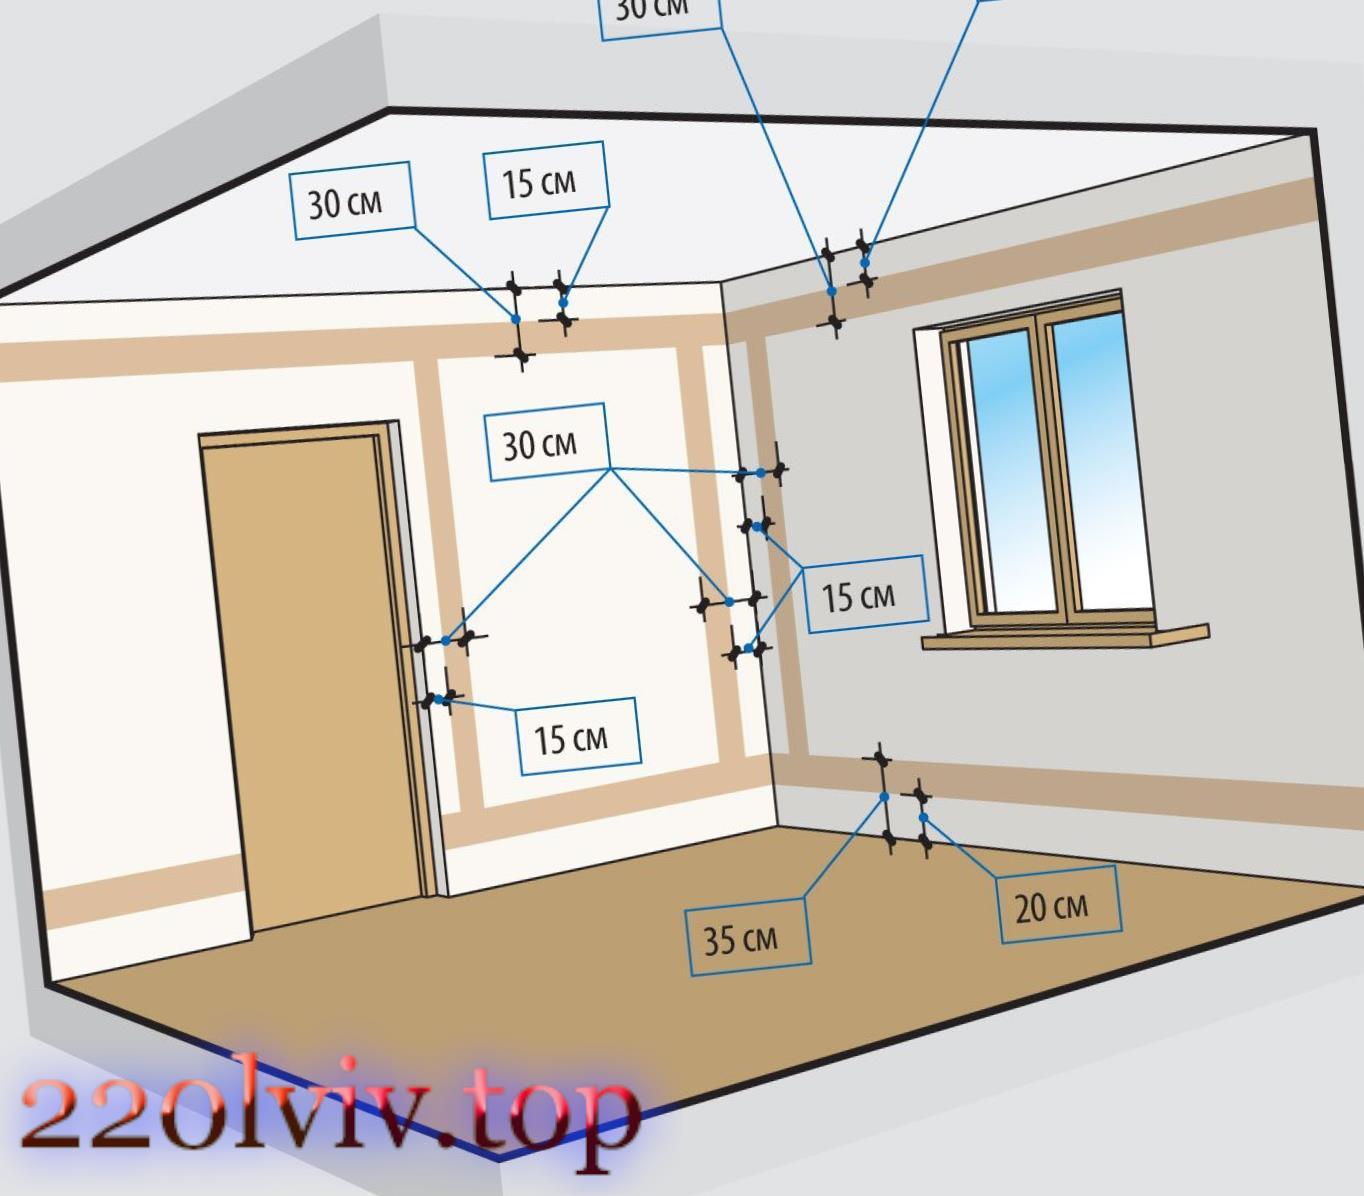 Електрика в однокімнатній квартирі - можливі рішення